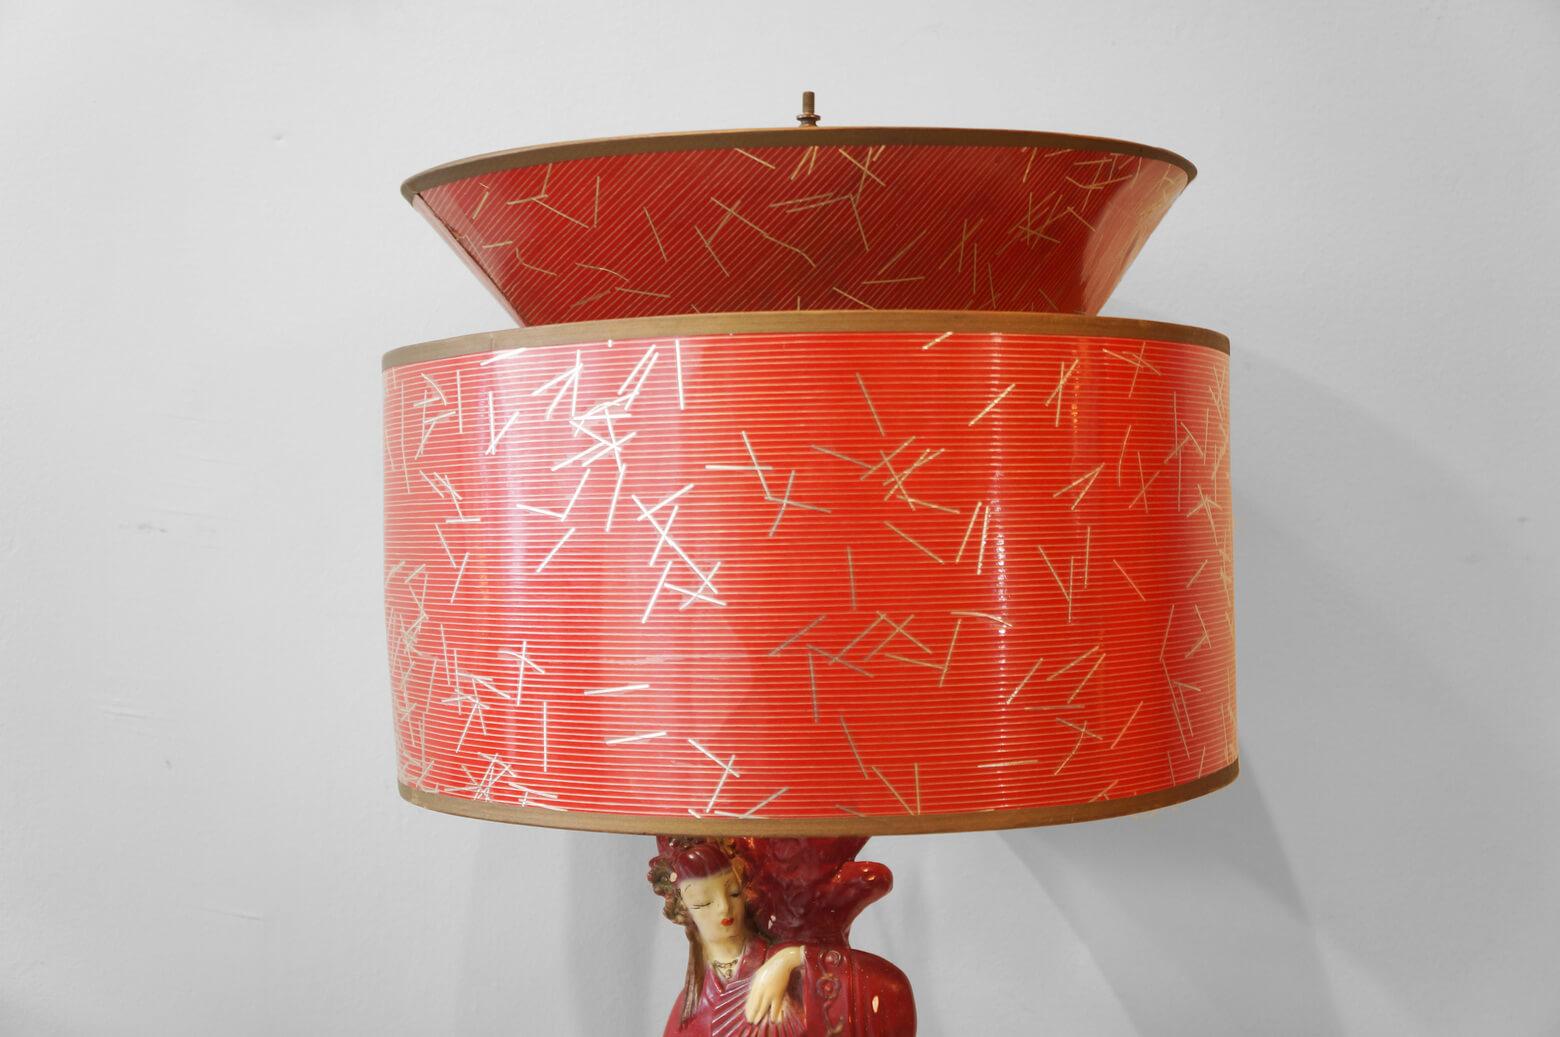 US Vintage Chalkware Table Lamp/アメリカ ヴィンテージ チョークウェア テーブルランプ